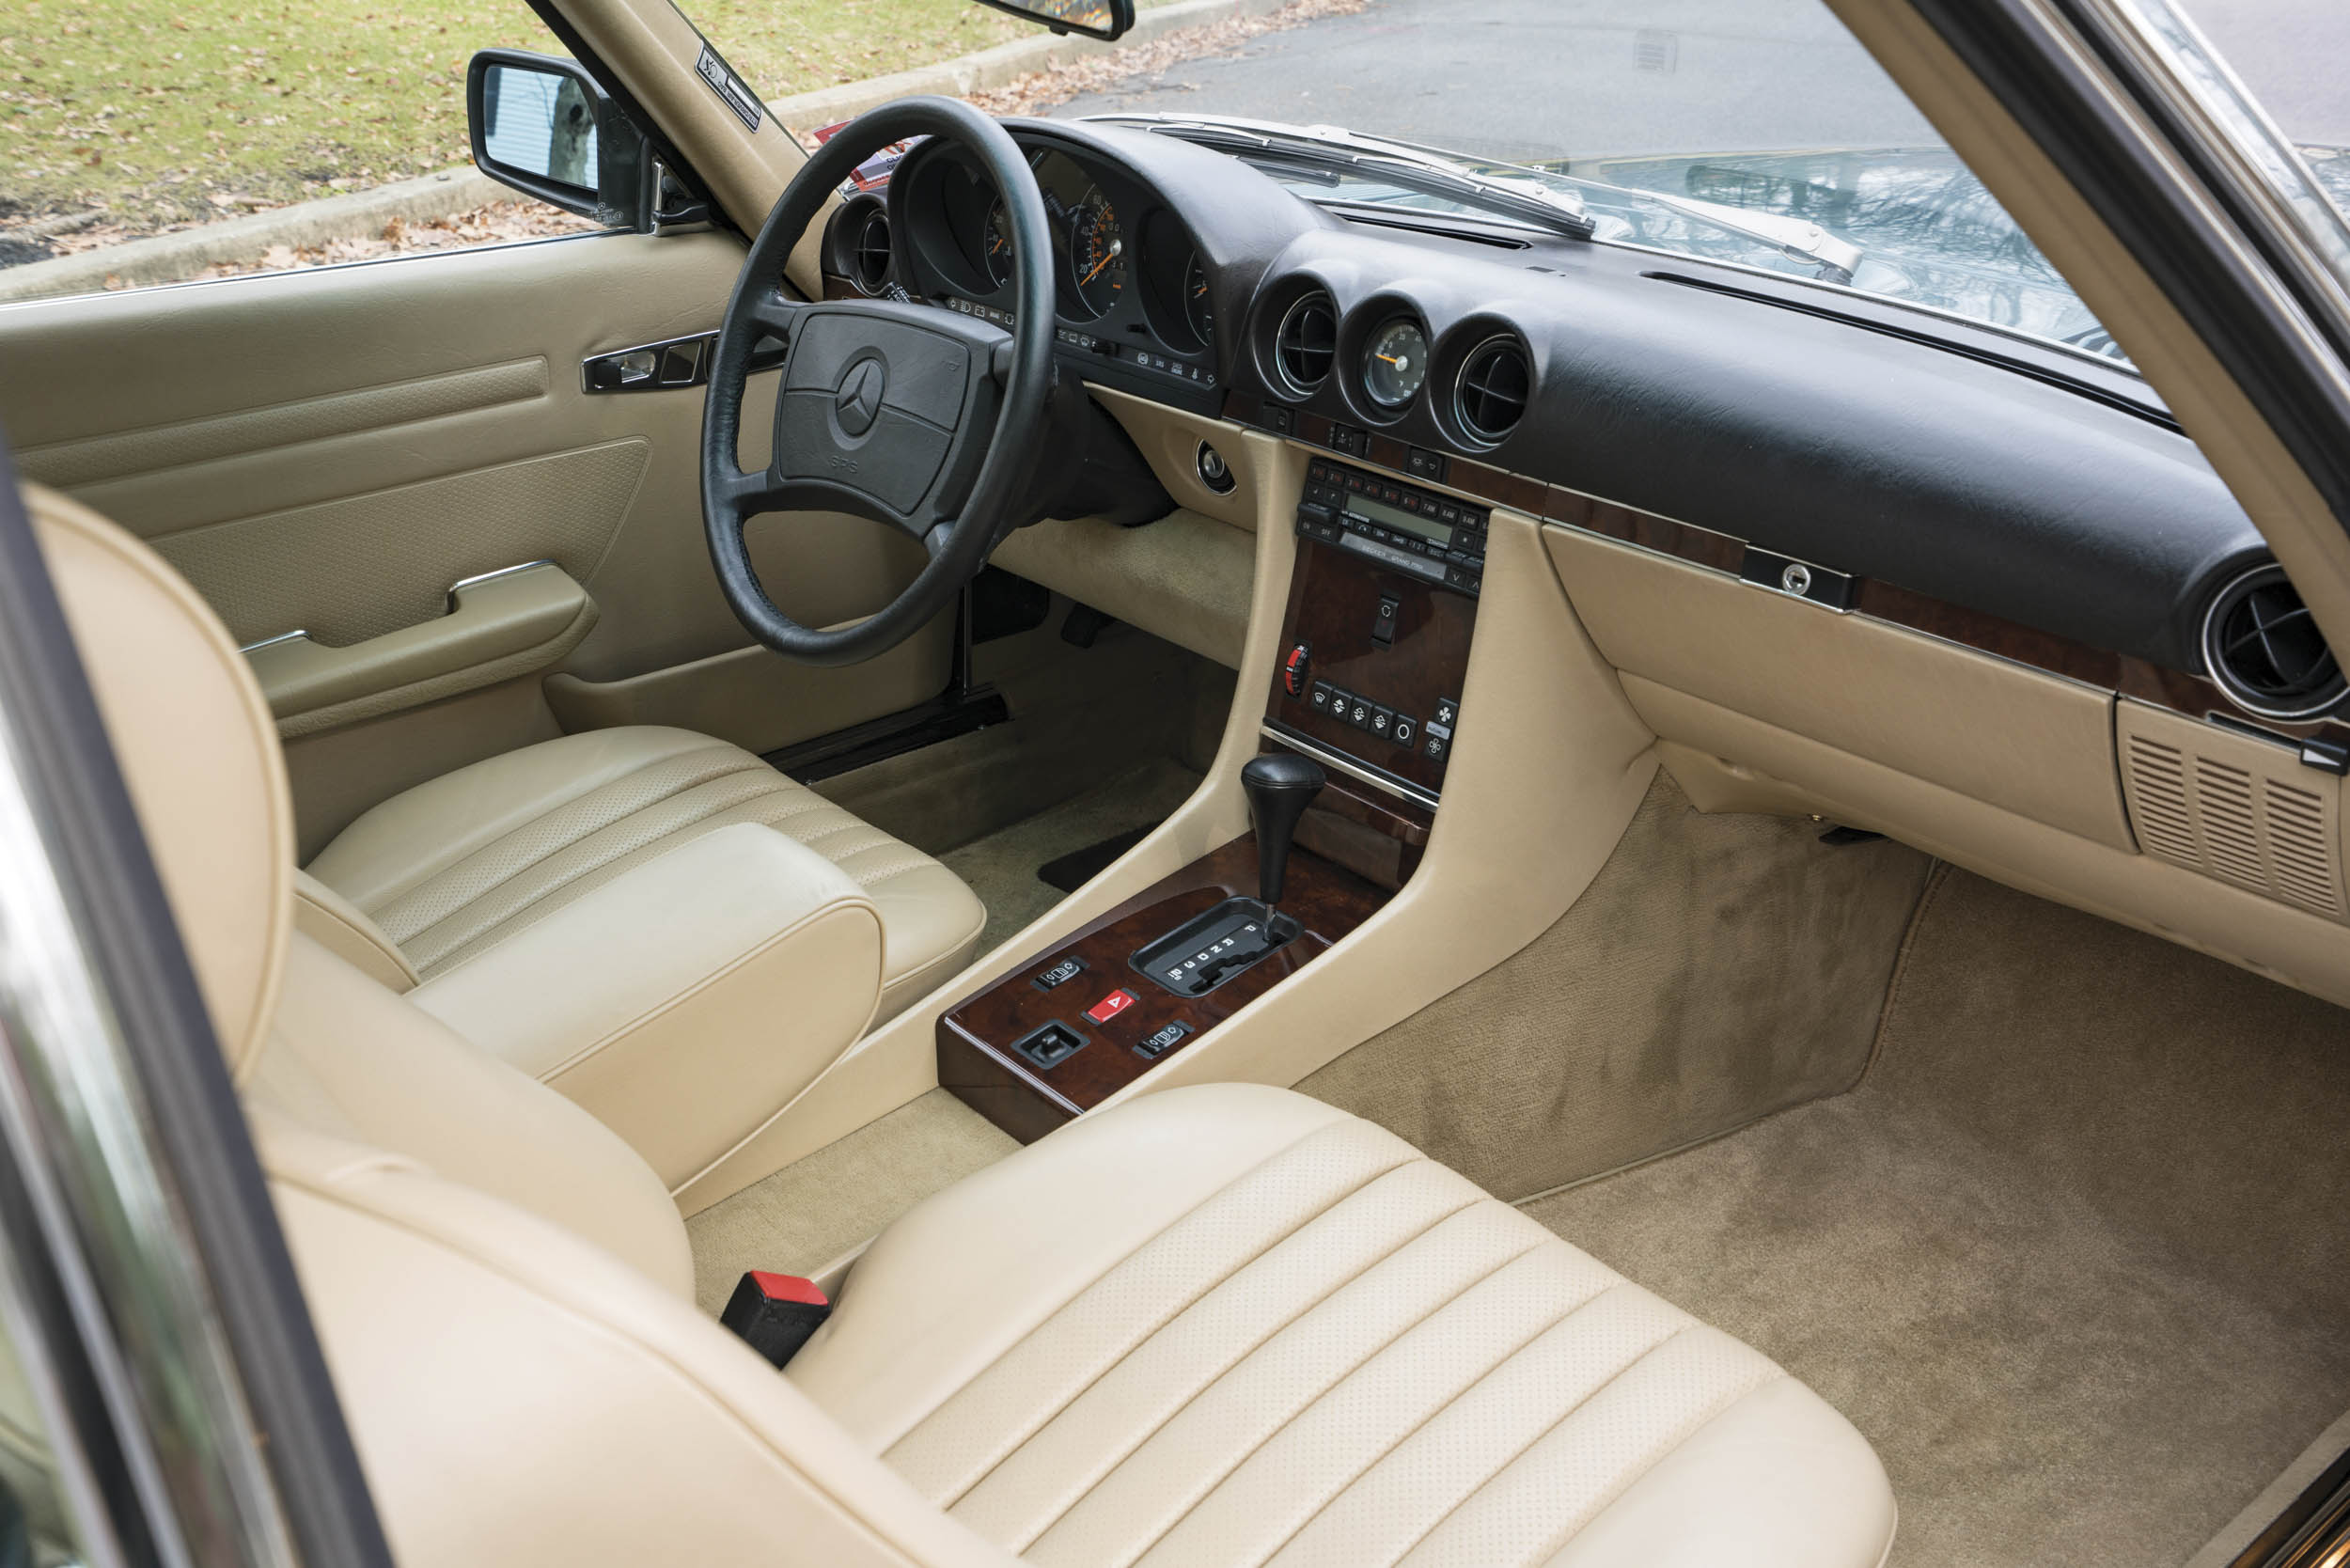 1988 Mercedes-Benz 560 SL interior